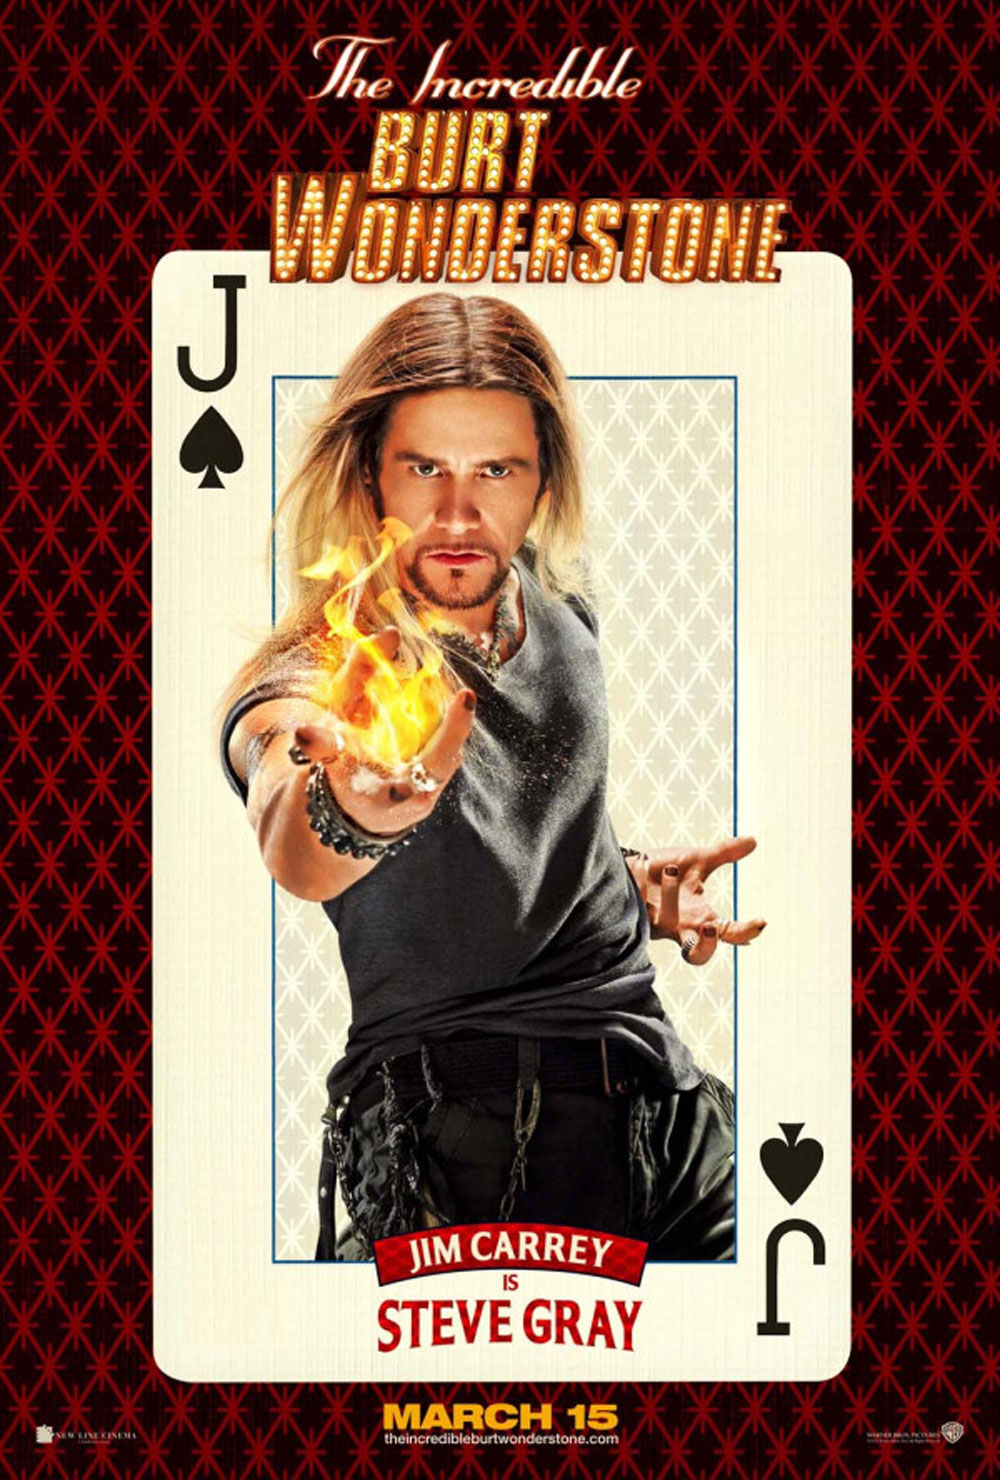 Jim-Carrey-Burt-Wonderstone.jpg